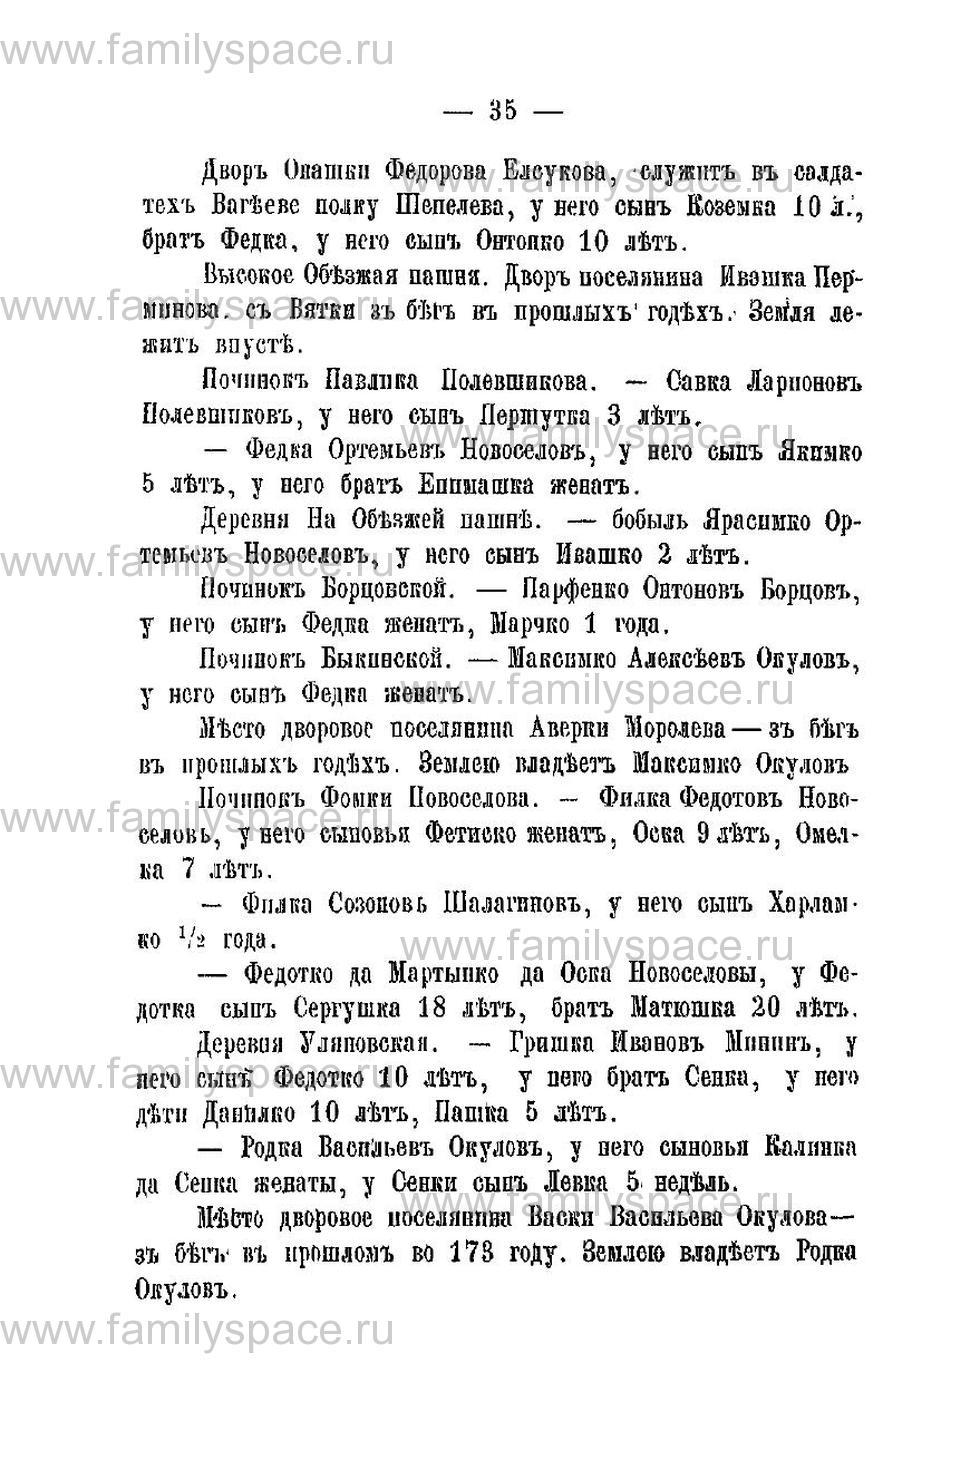 Поиск по фамилии - Переписная книга Орлова и волостей 1678 г, страница 31